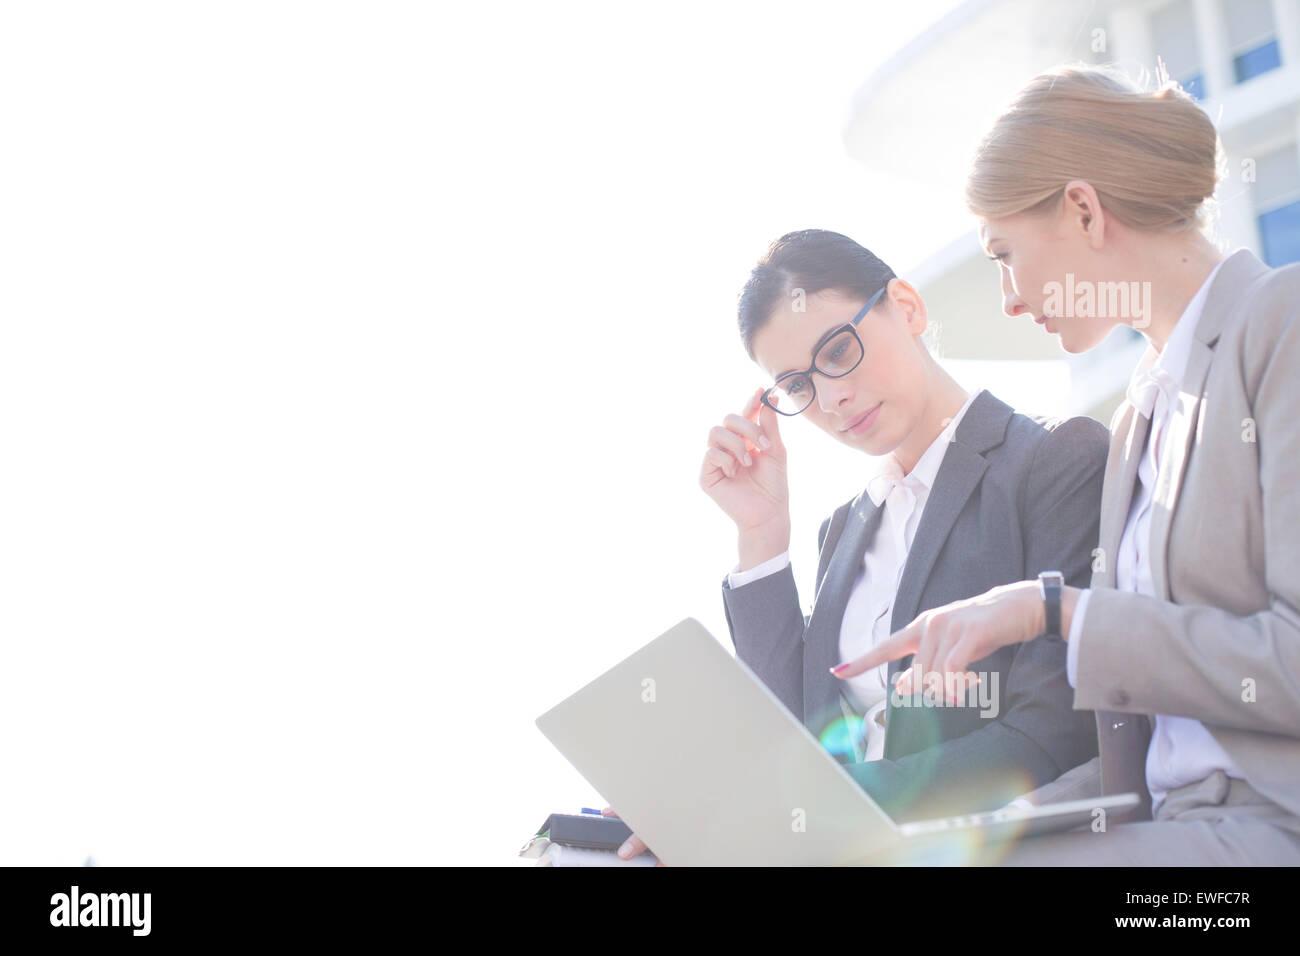 Basso angolo vista di imprenditrici utilizzando laptop contro il cielo chiaro Immagini Stock